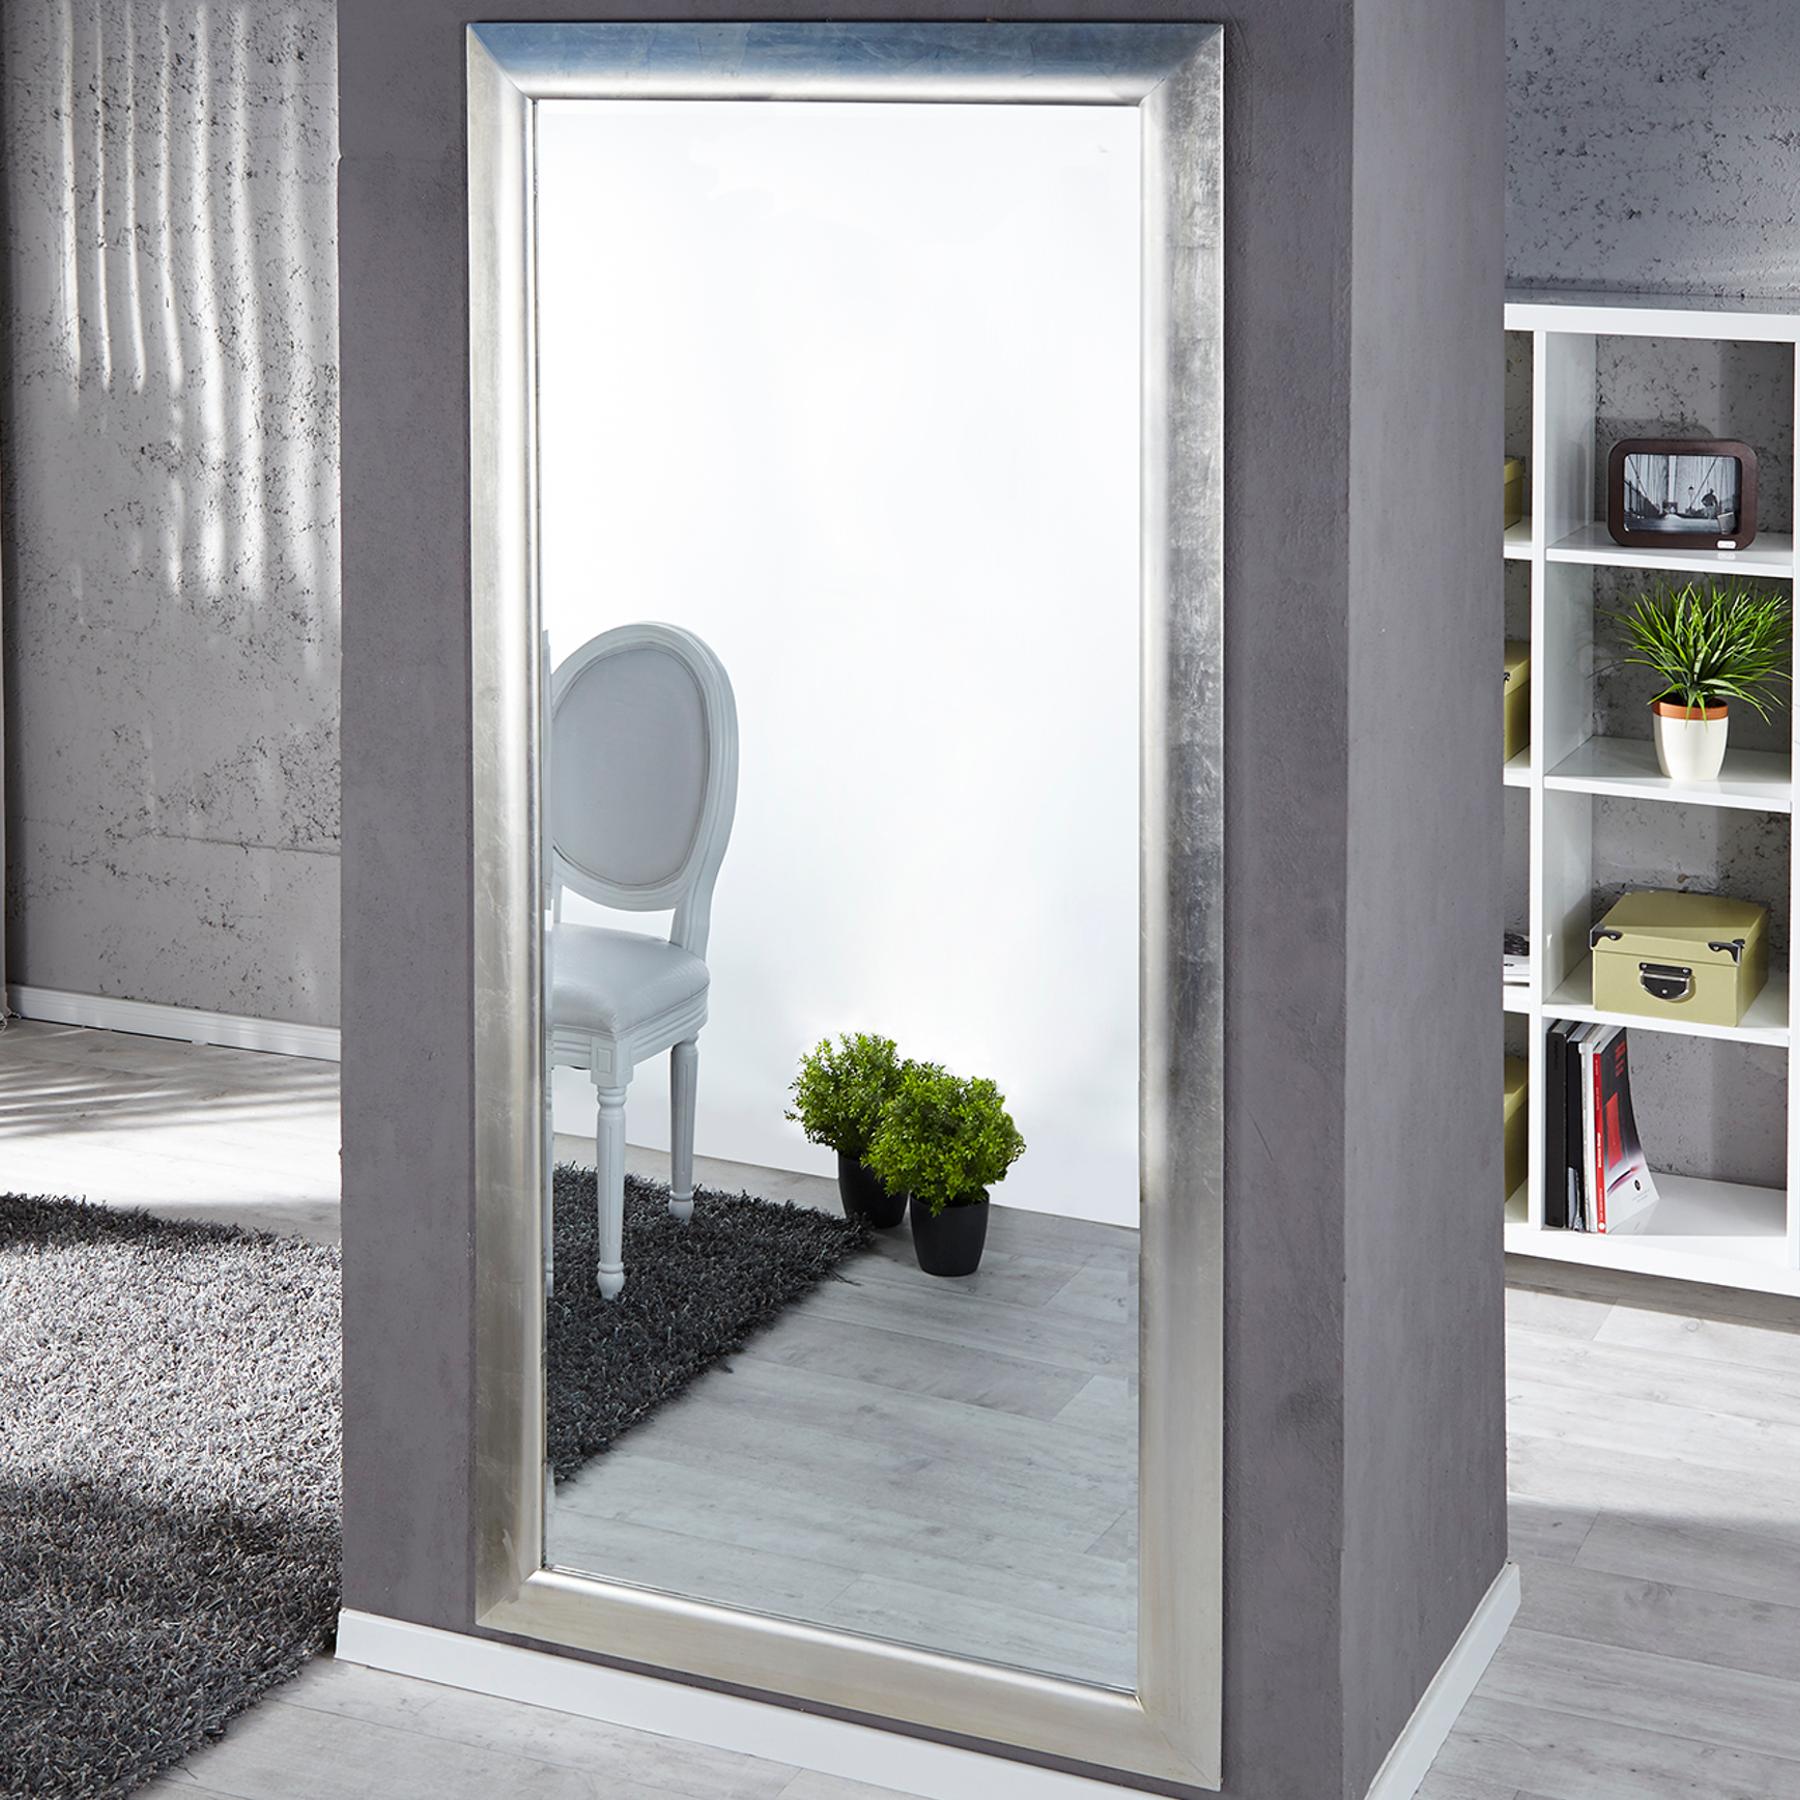 Gro er moderner design spiegel espejo silber 180x85 cm - Spiegel zum hinstellen ...